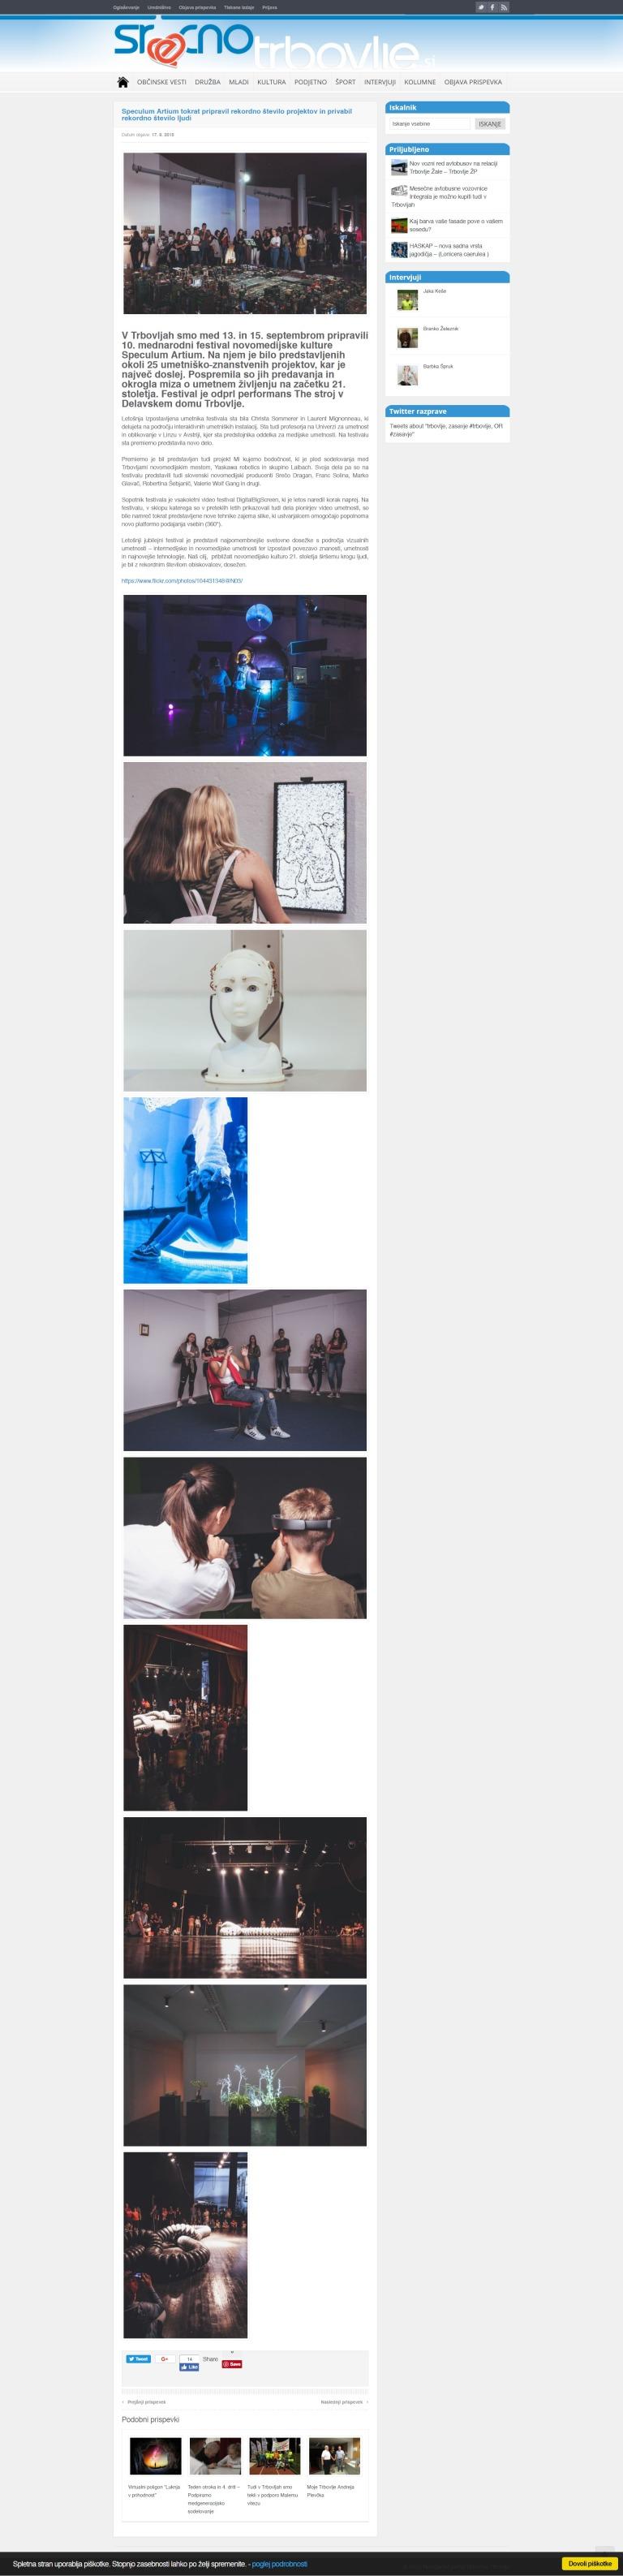 screencapture-srcnotrbovlje-si-speculum-artium-tokrat-pripravil-rekordno-stevilo-projektov-in-privabil-rekordno-stevilo-ljudi-2018-10-02-14_07_28.jpg